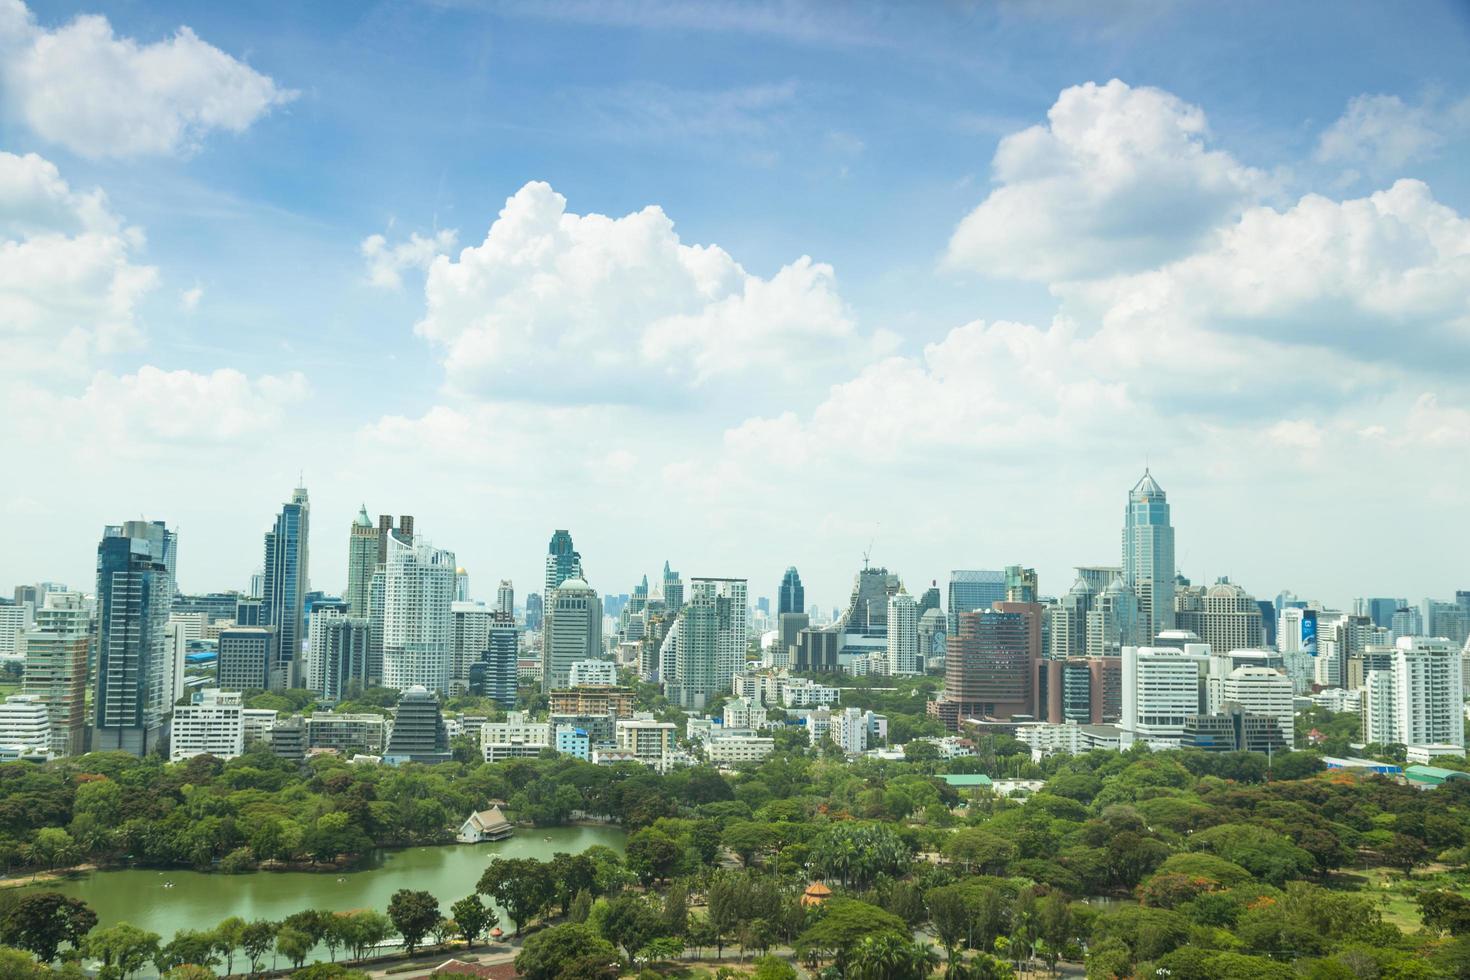 città di bangkok alla luce del giorno foto